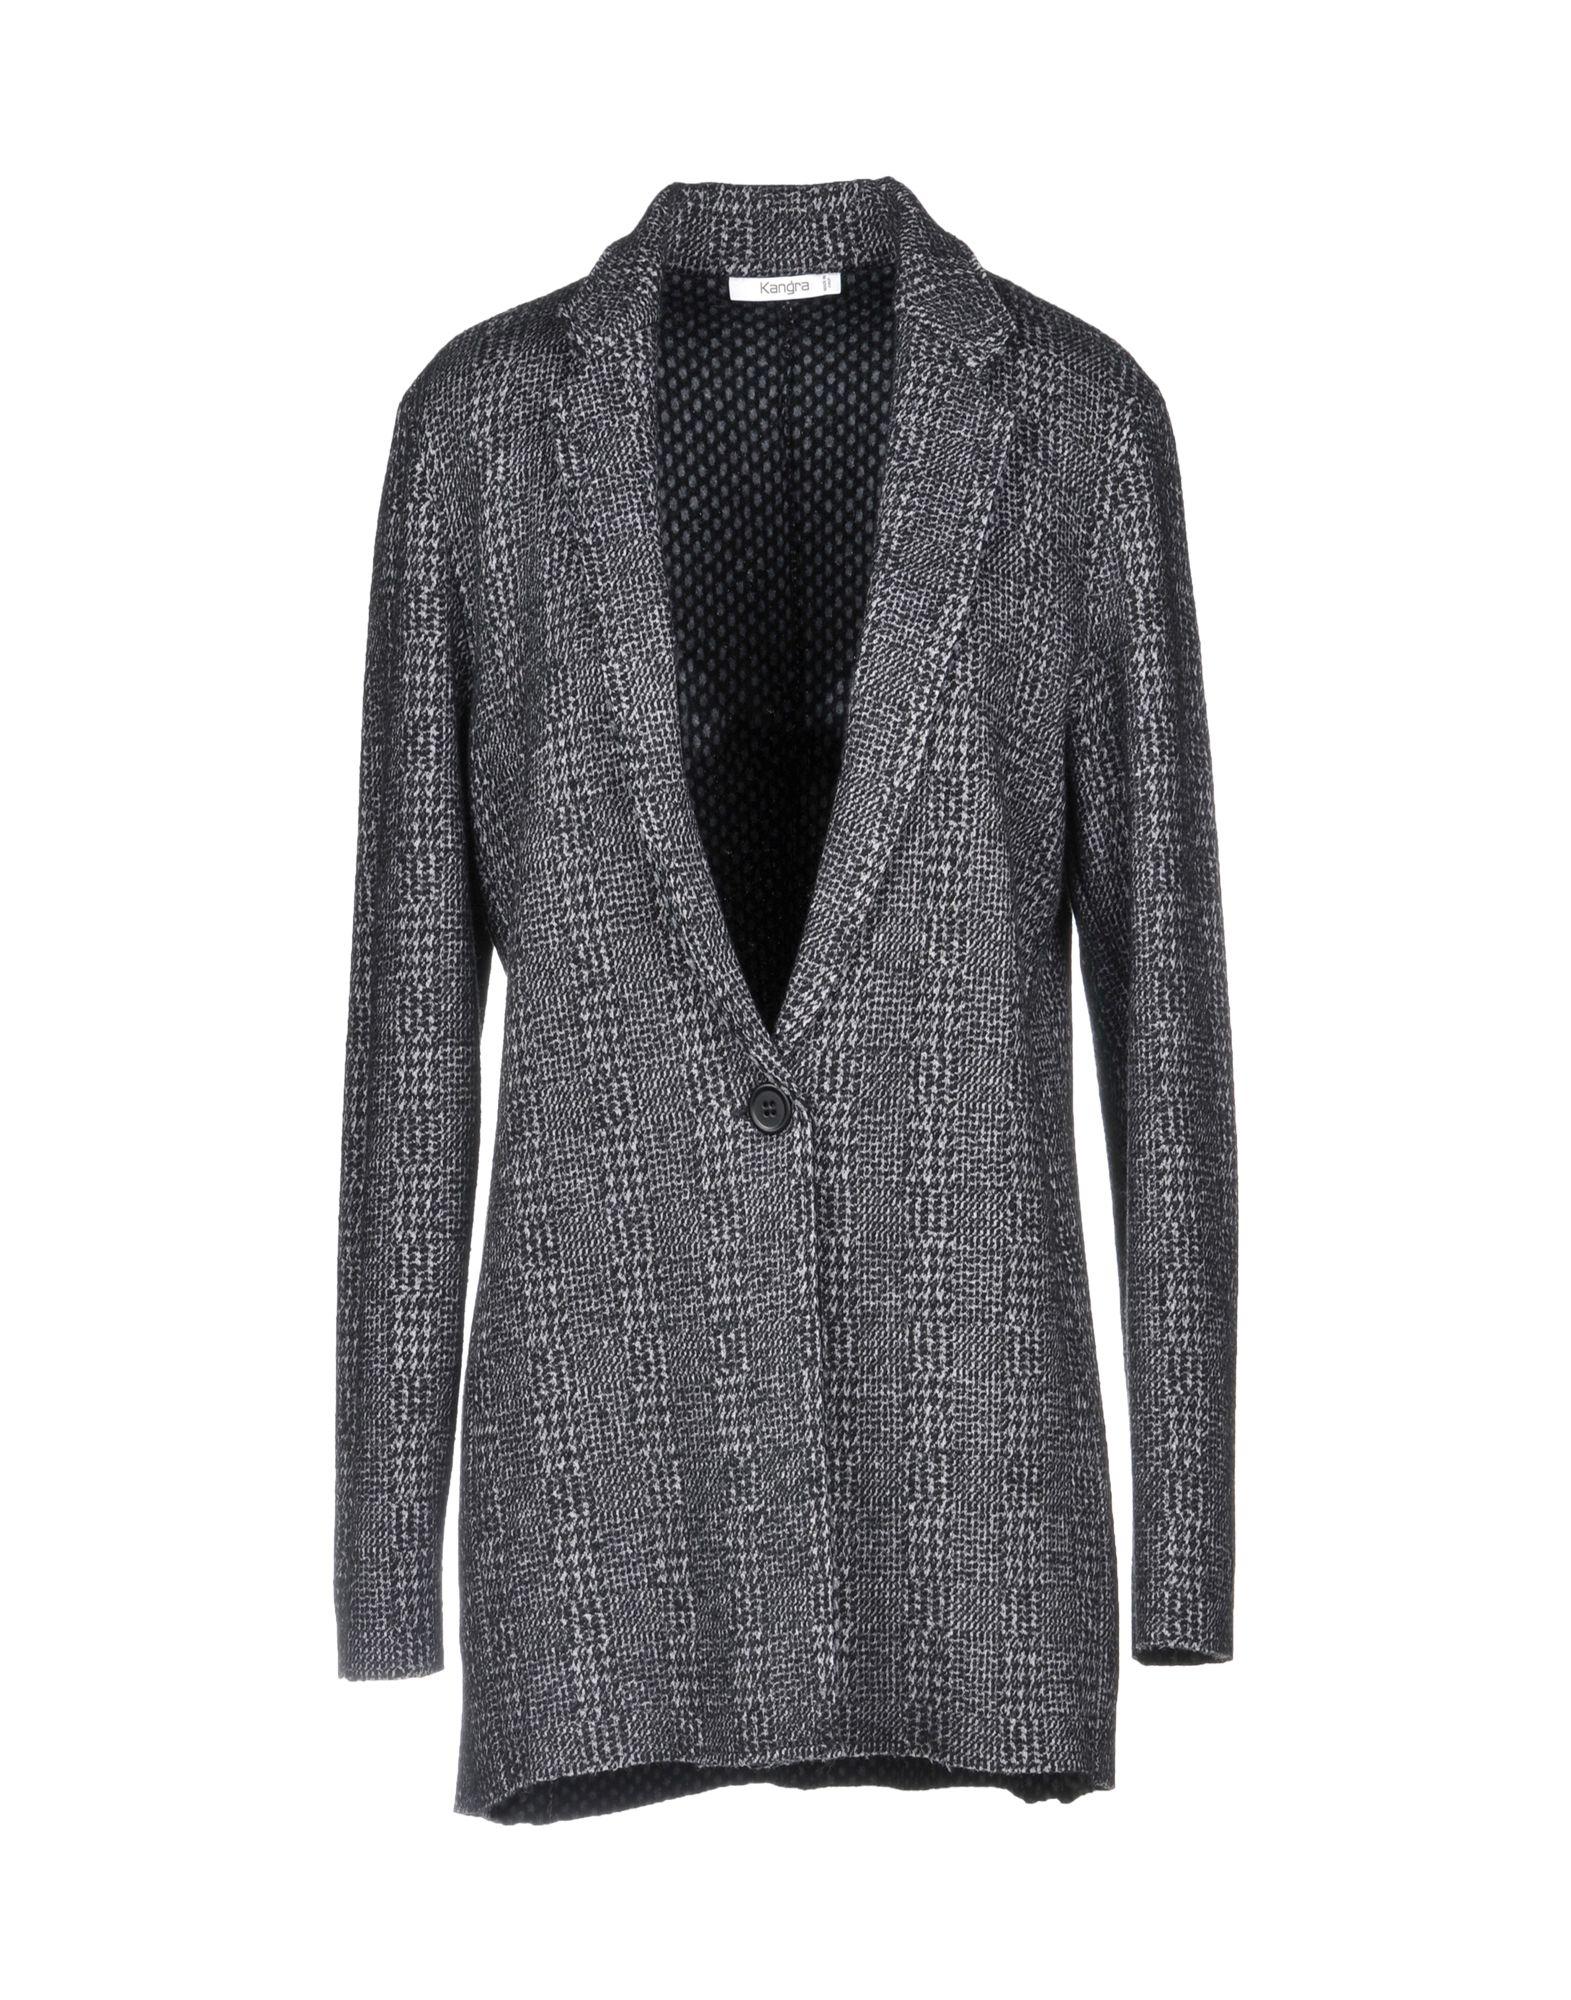 KANGRA CASHMERE Blazer in Steel Grey